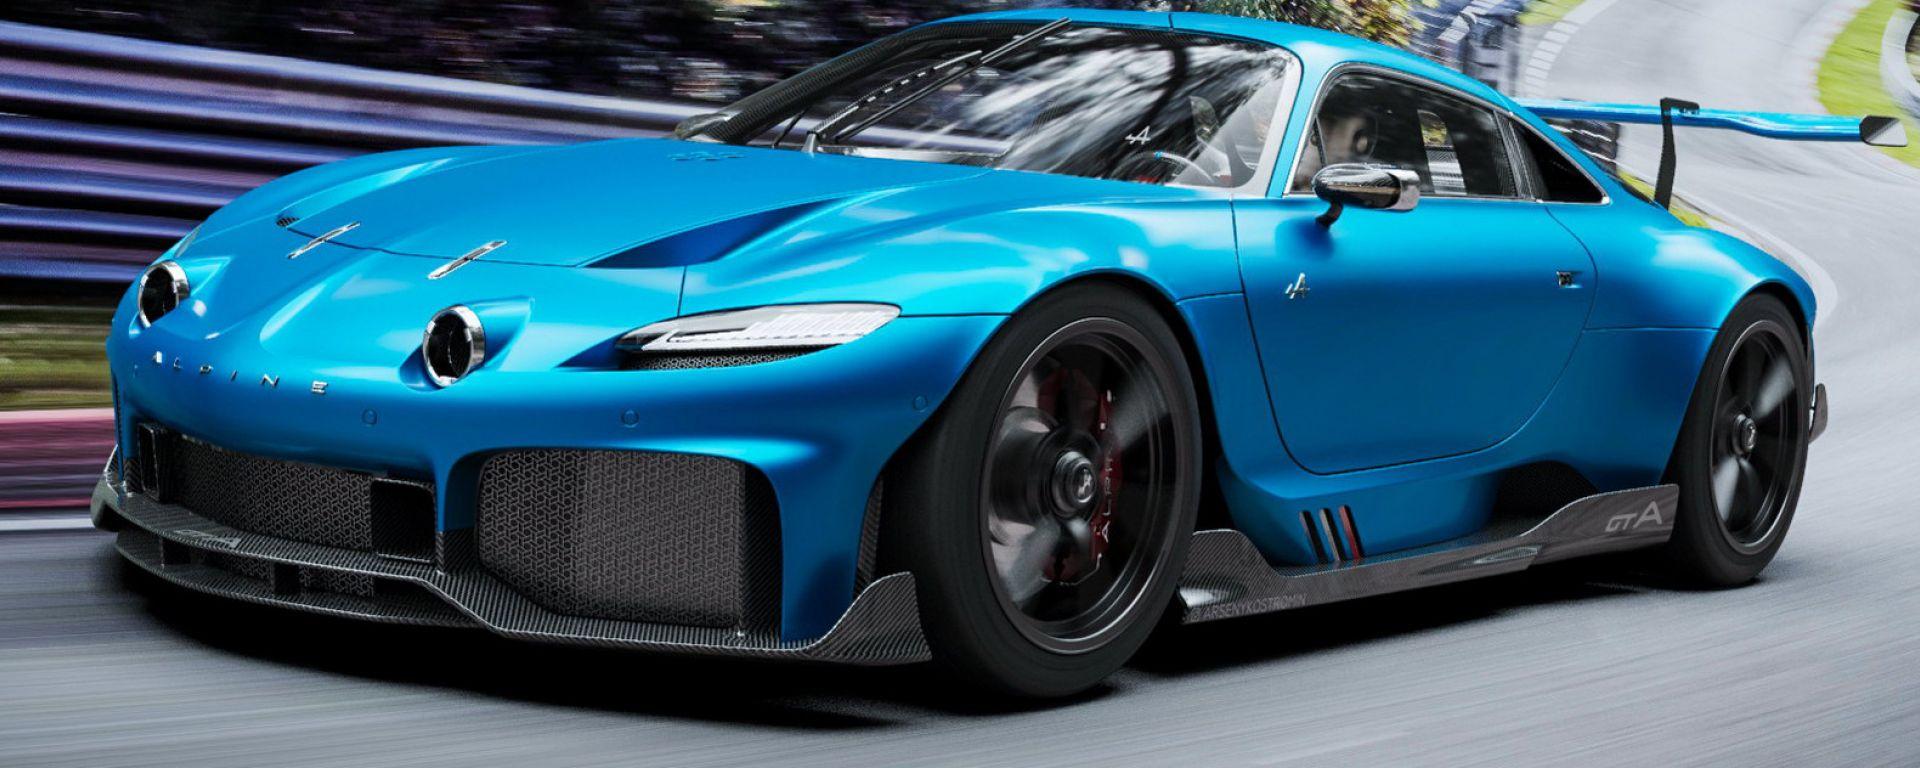 Alpine GTA: il pazzesco rendering in video e ampia fotogallery